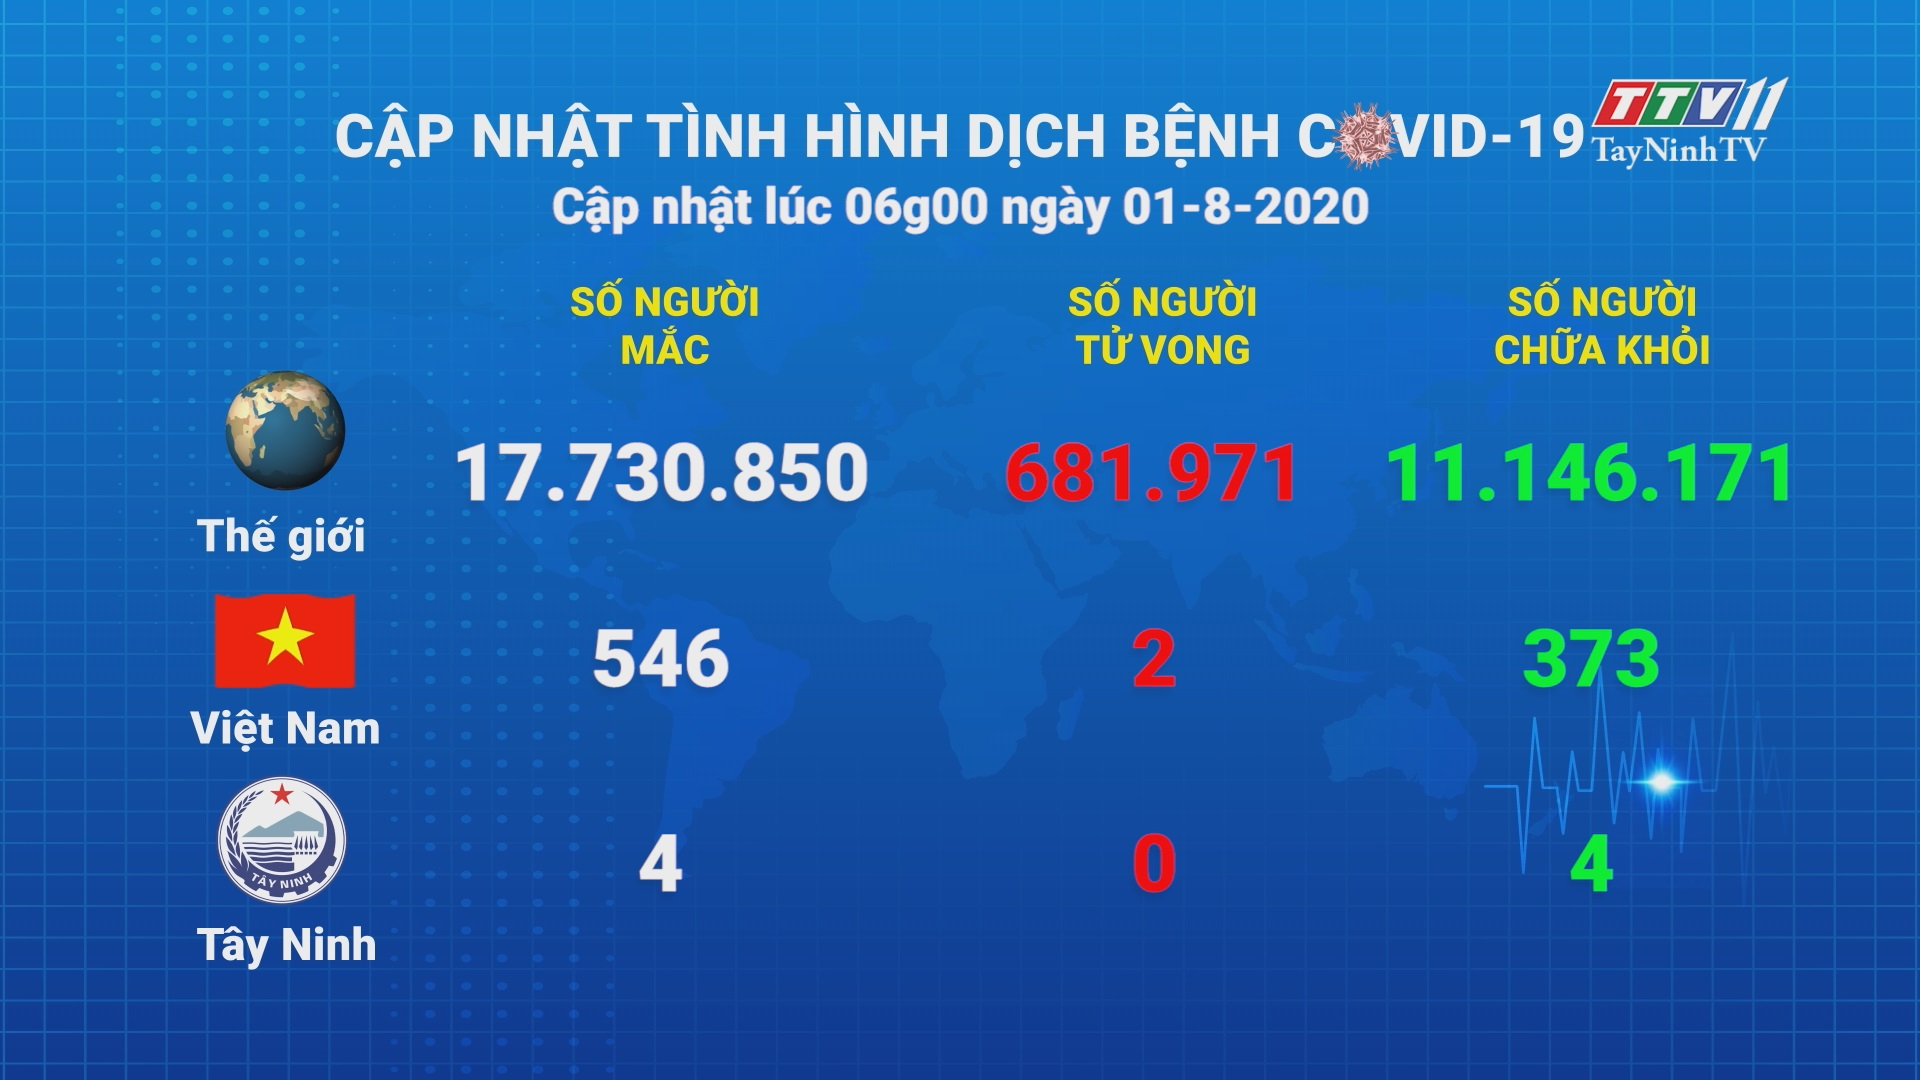 Cập nhật tình hình Covid-19 vào lúc 06 giờ 01-8-2020 | Thông tin dịch Covid-19 | TayNinhTV